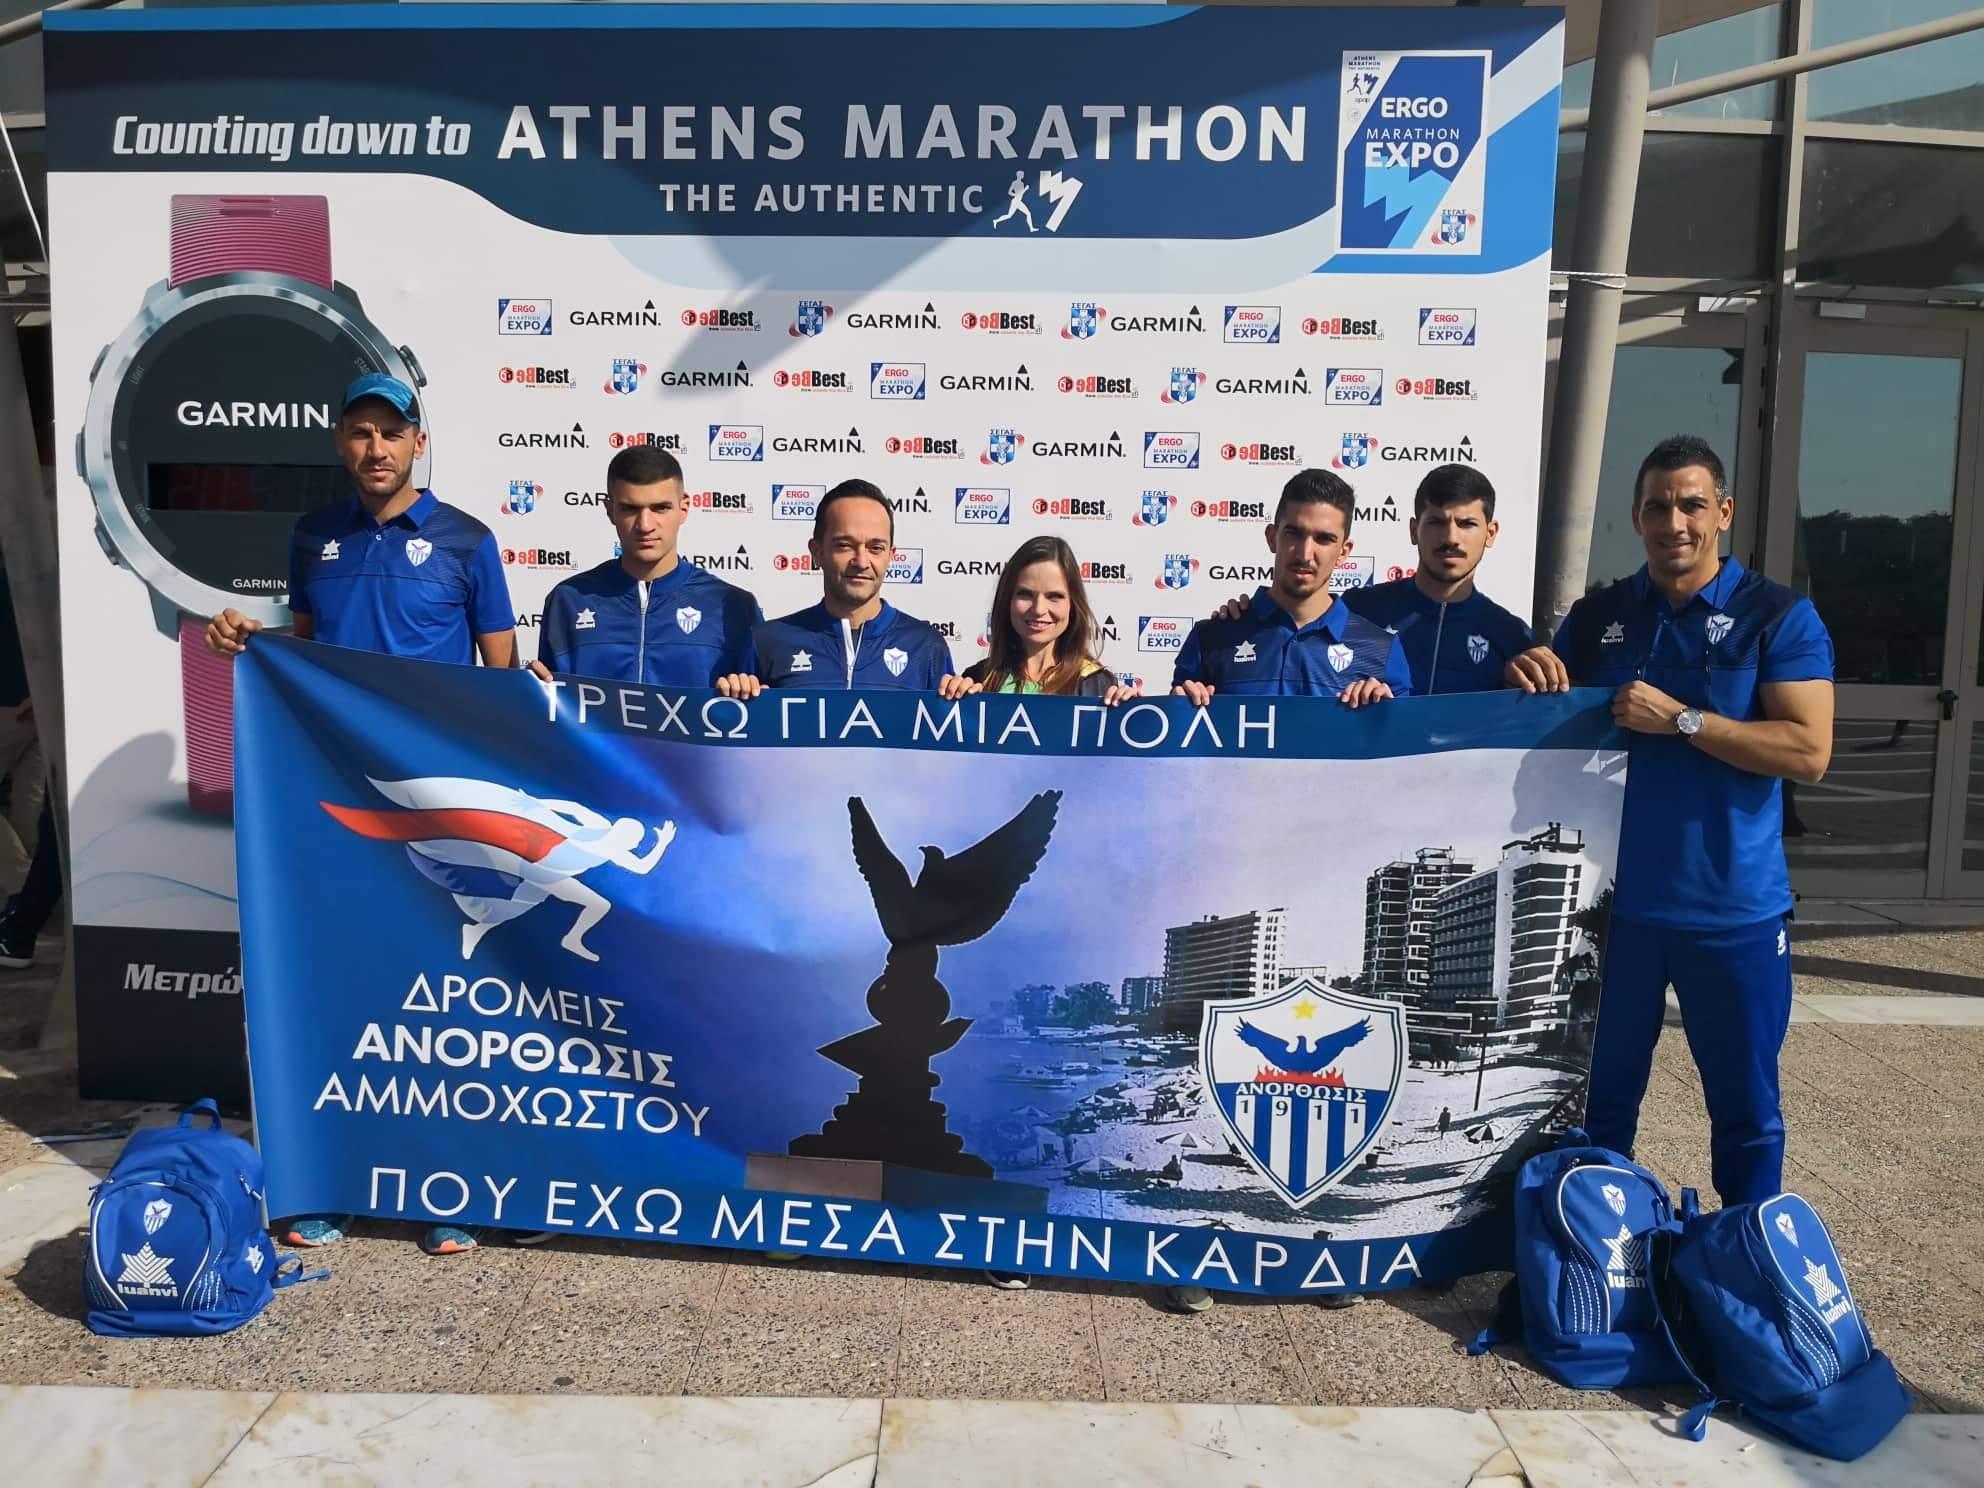 Οι αθλητές της Ανόρθωσις στην Αθήνα και τον Μαραθώνιο